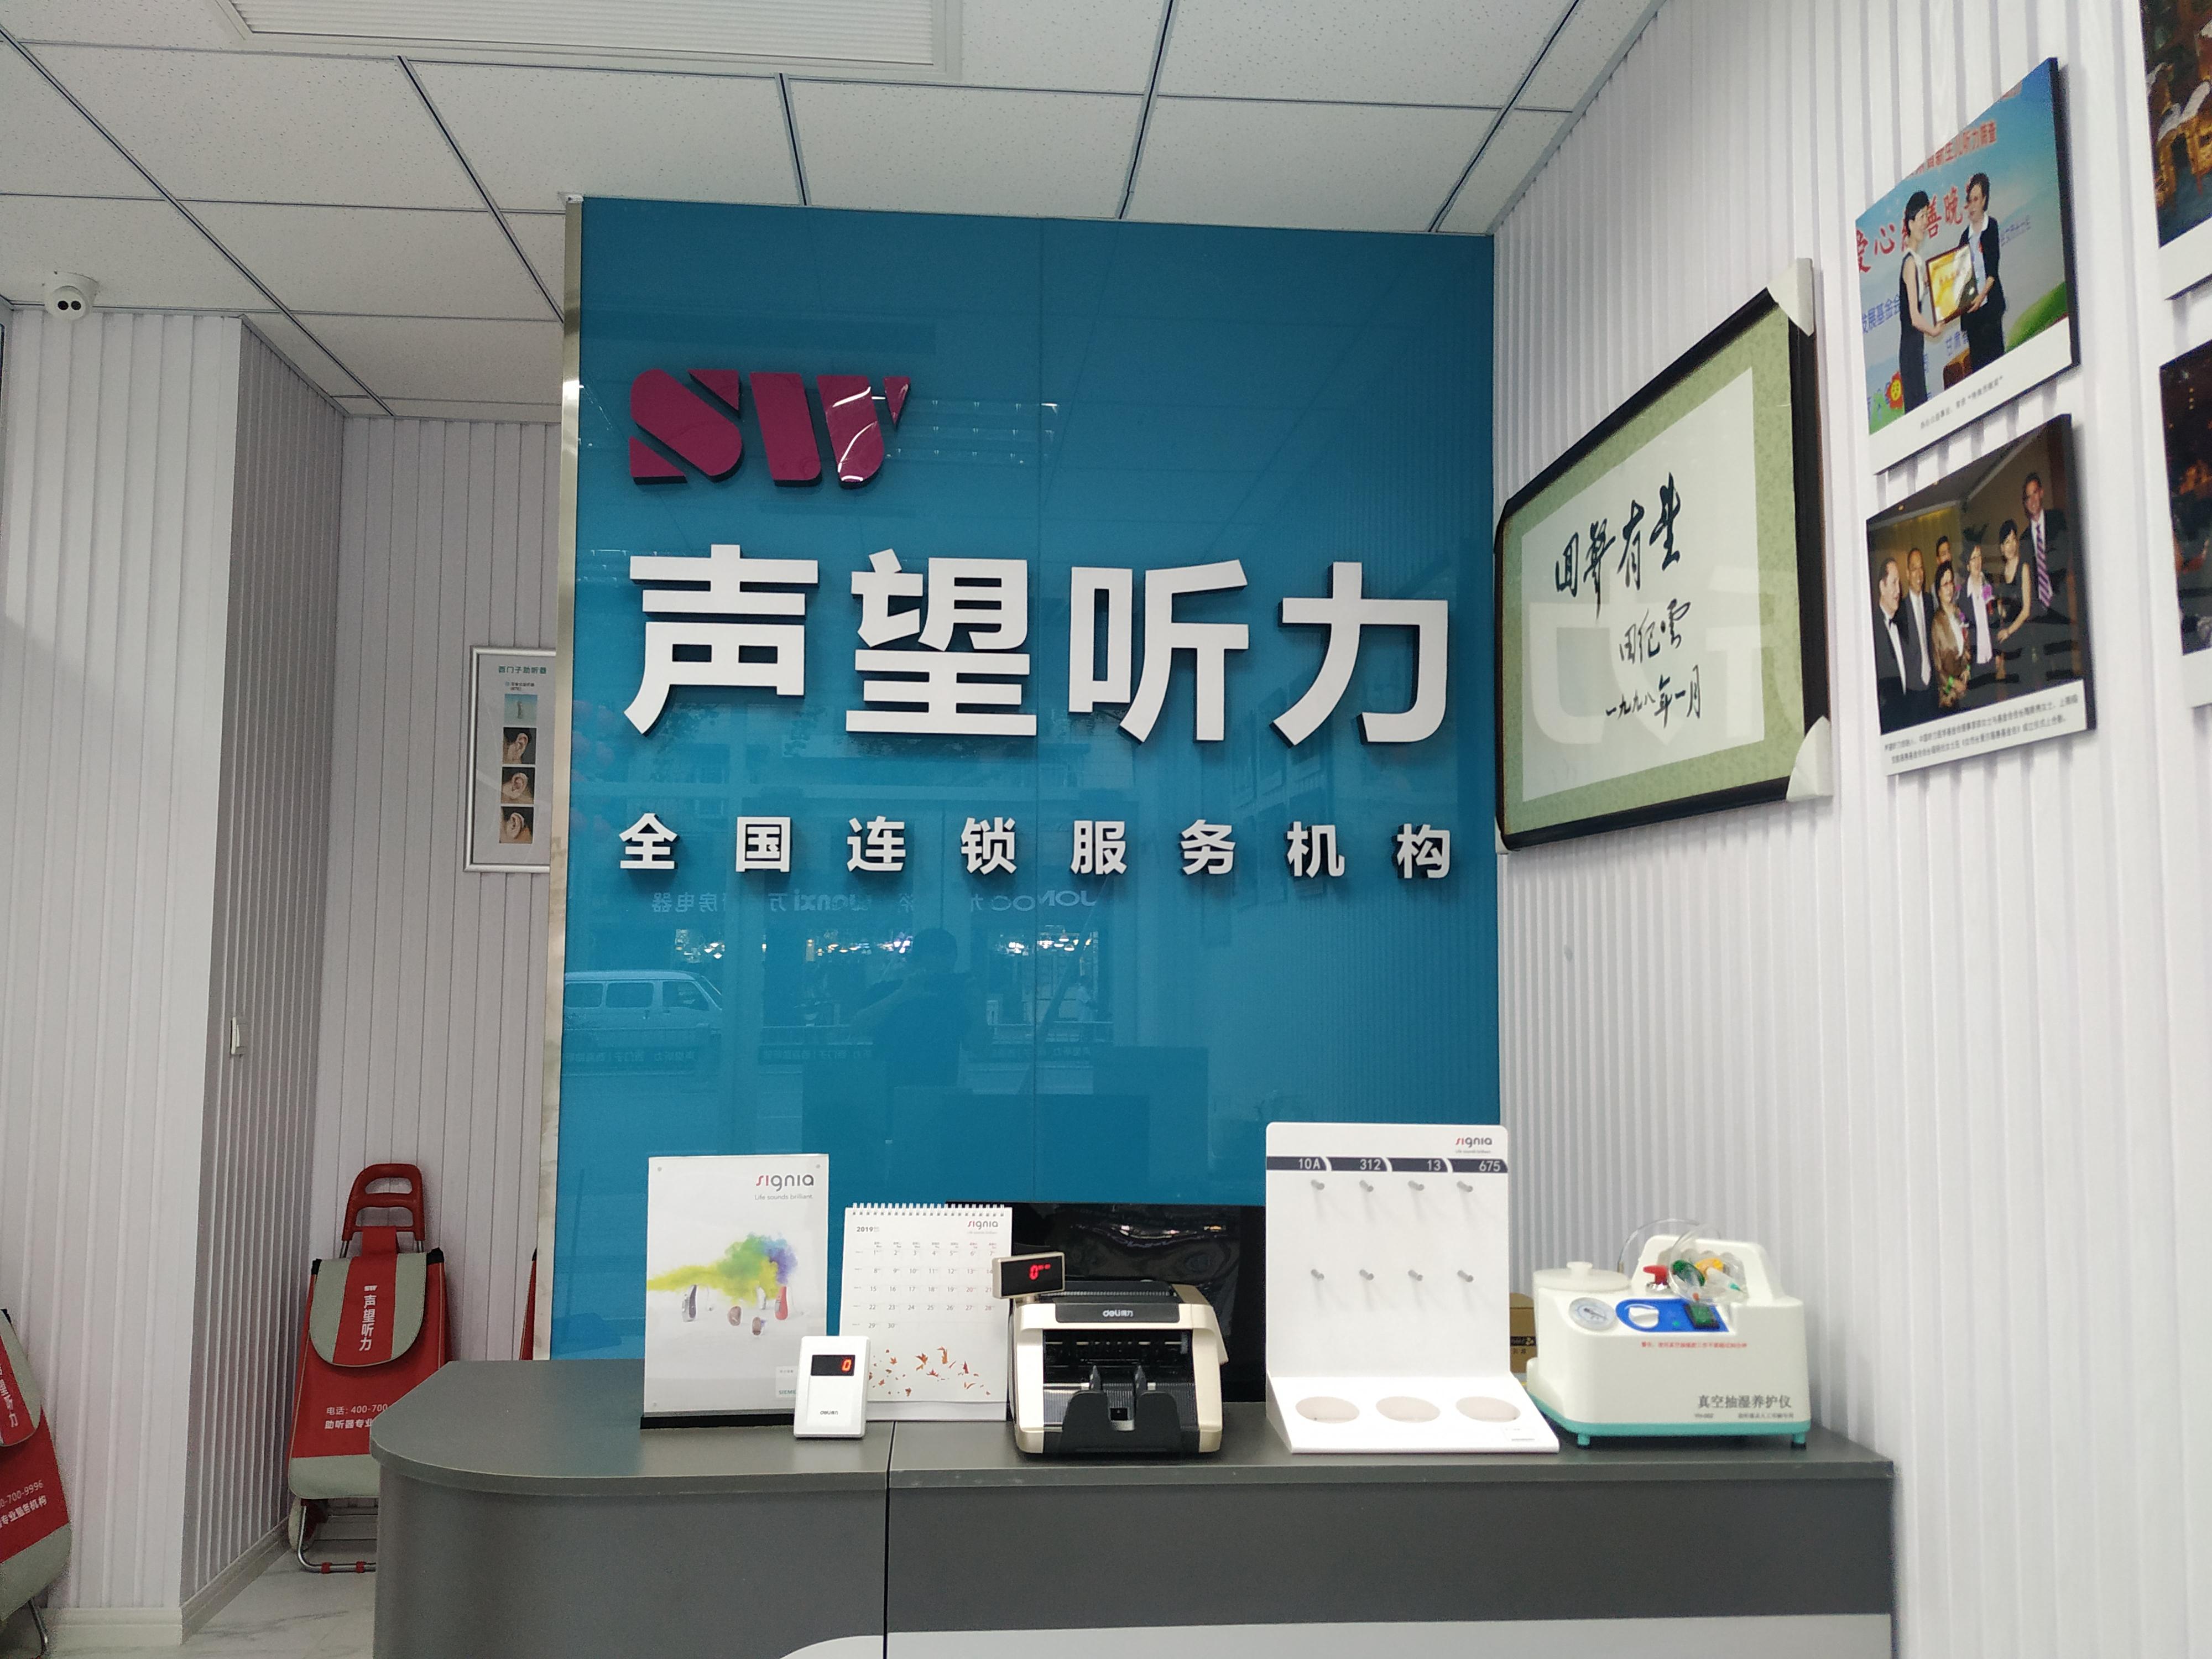 成都龙泉店 验配环境展示